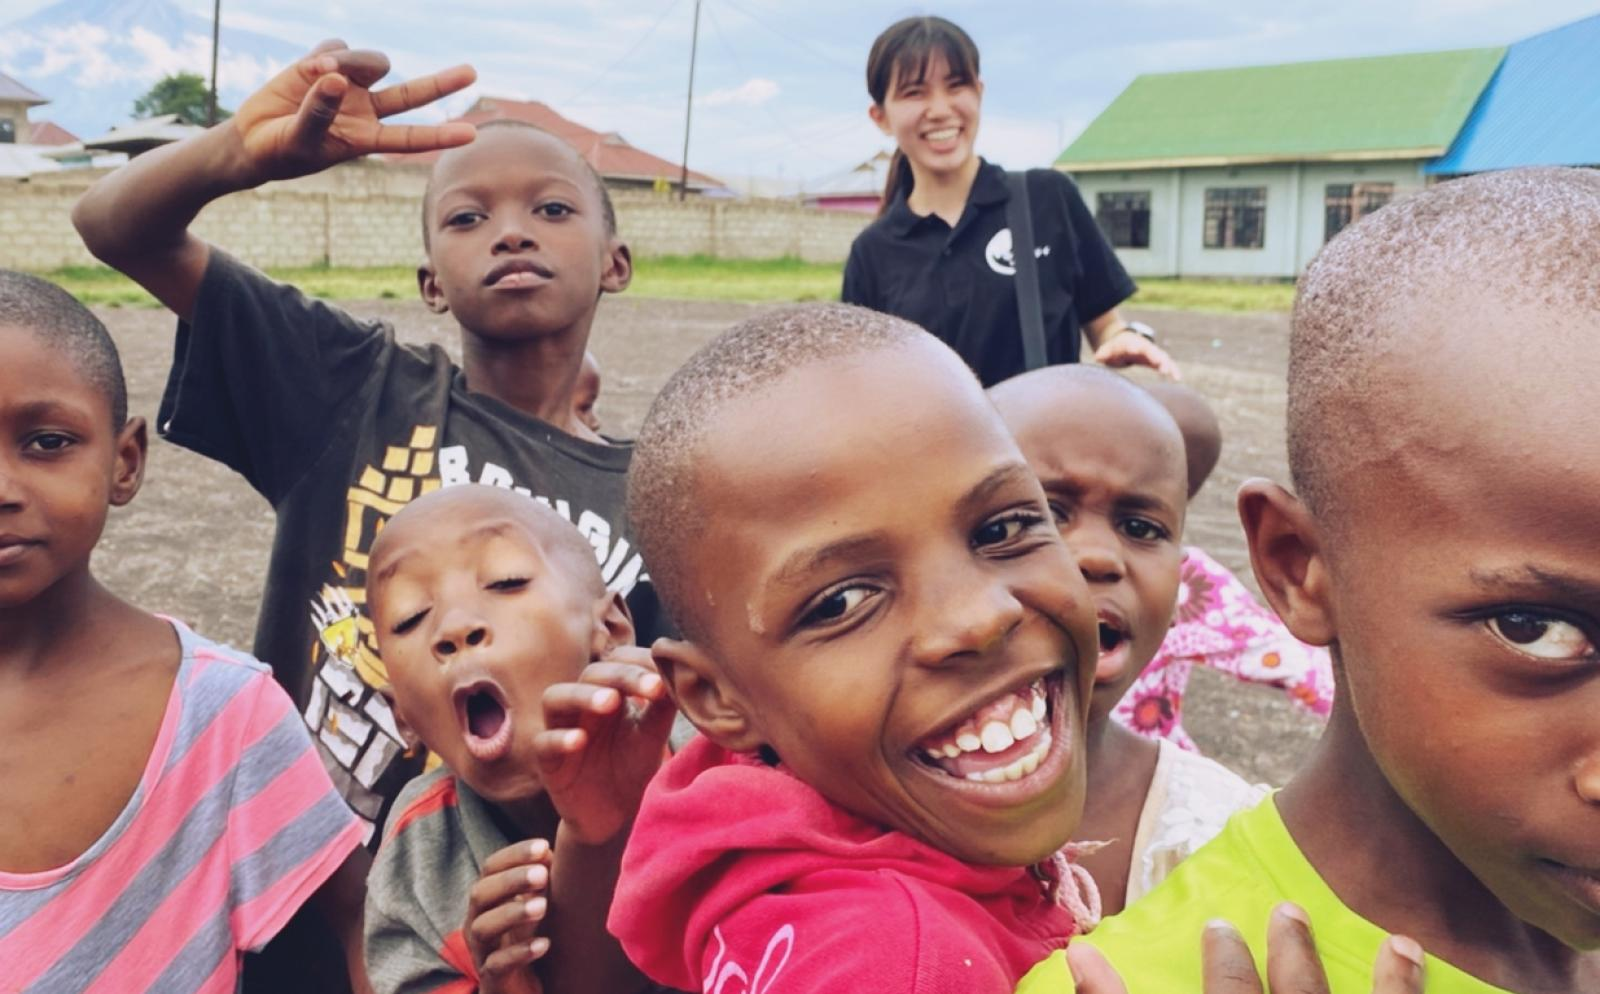 タンザニアでチャイルドケアボランティア中の鹿島友里花さんと元気いっぱいの現地の子供たちの写真